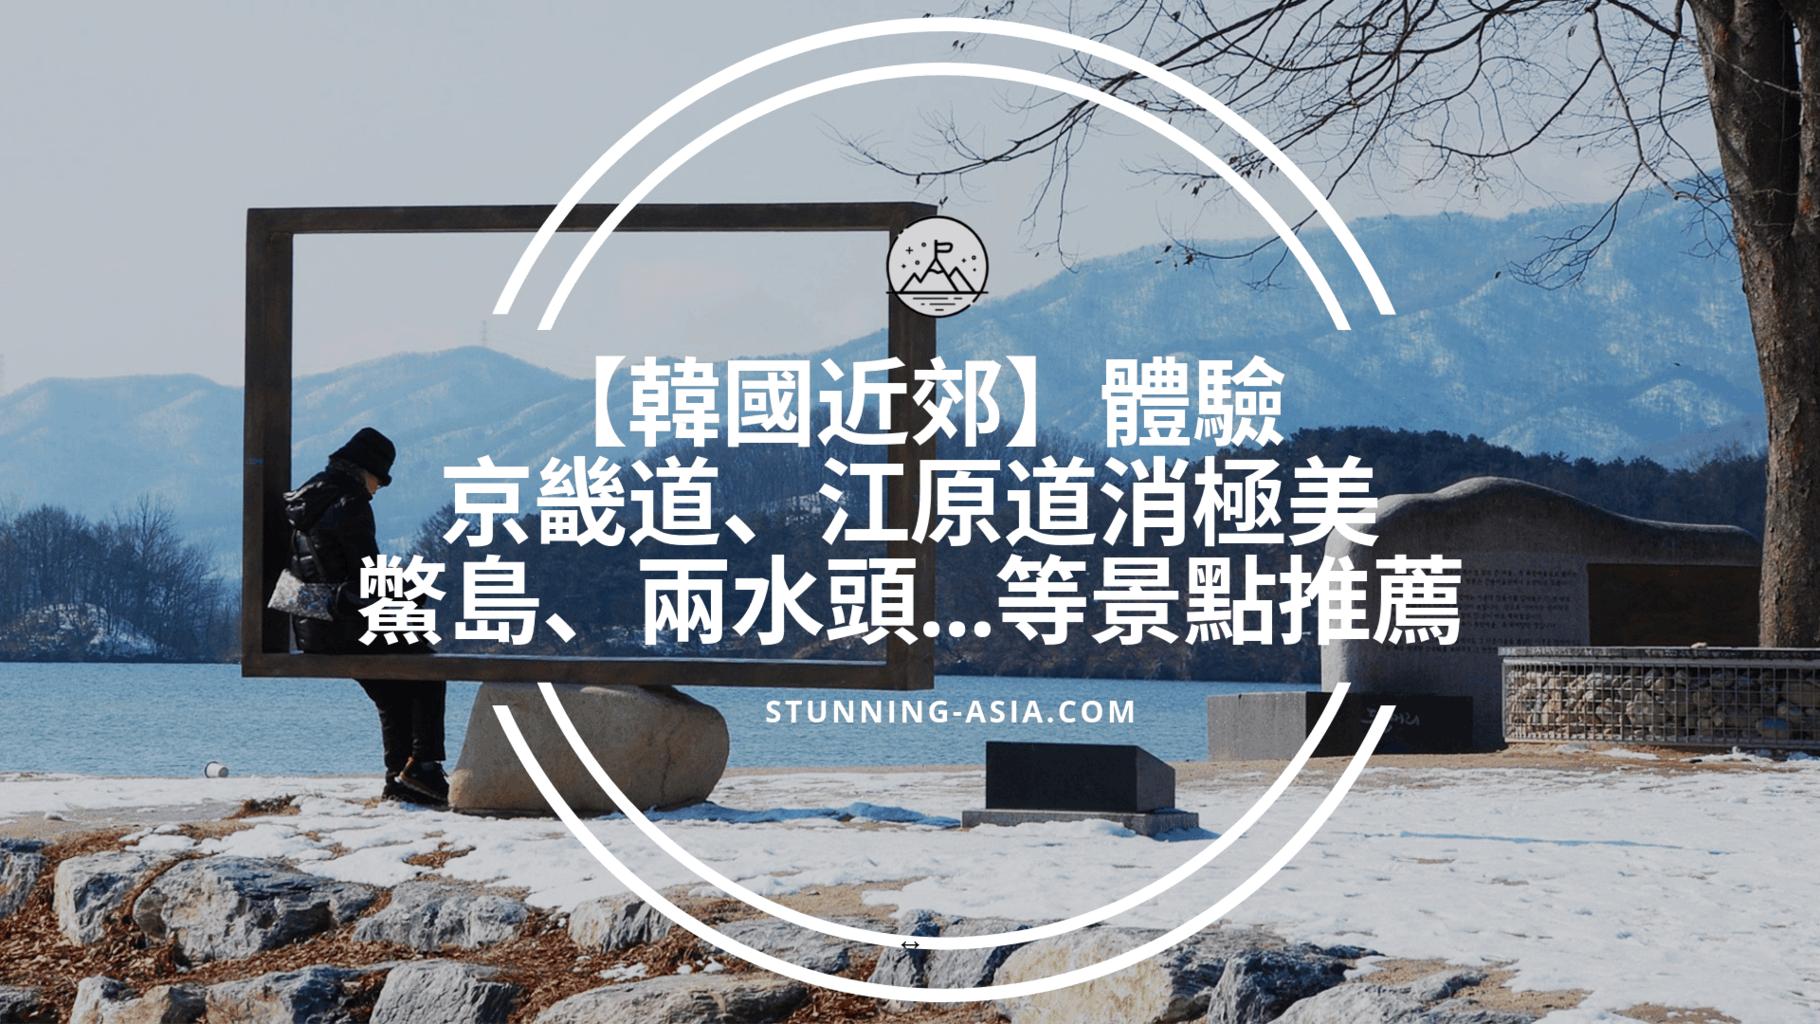 【韓國近郊放空必備】體驗韓國京畿道、江原道的消極美 : 鱉島、南怡島、兩水頭…等景點推薦